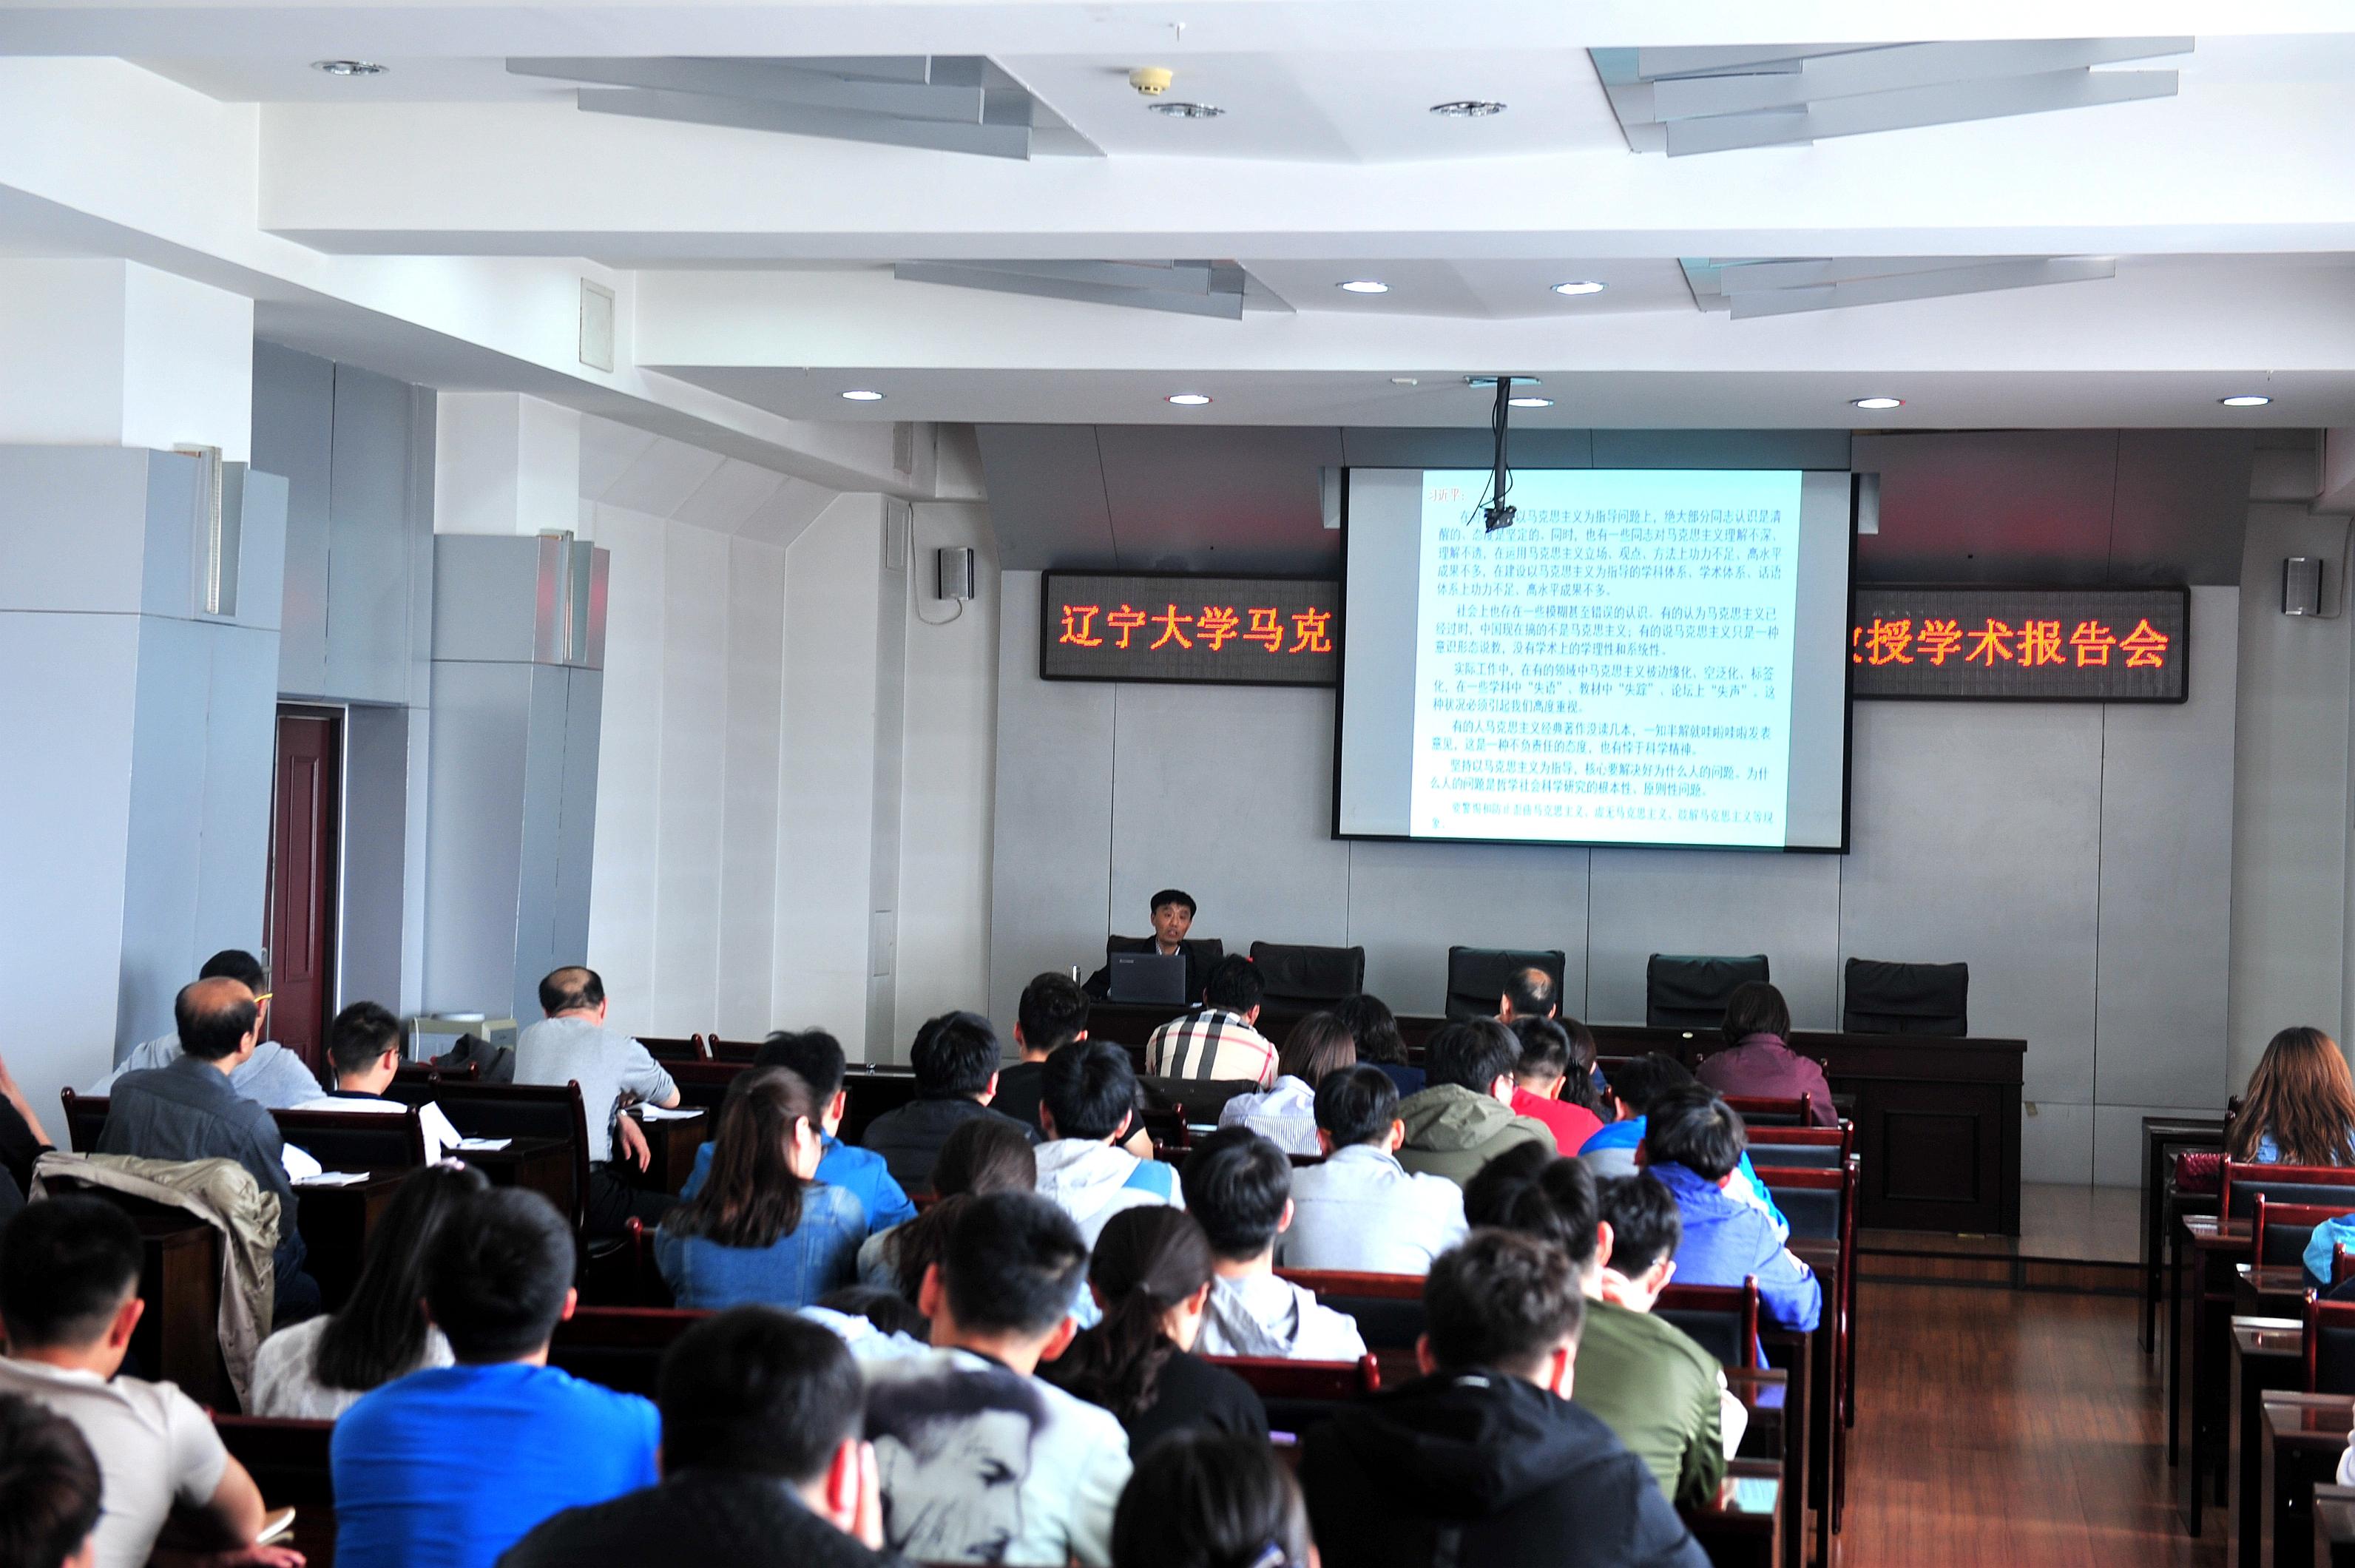 辽宁大学马克思主义学院院长房广顺教授作学术报告